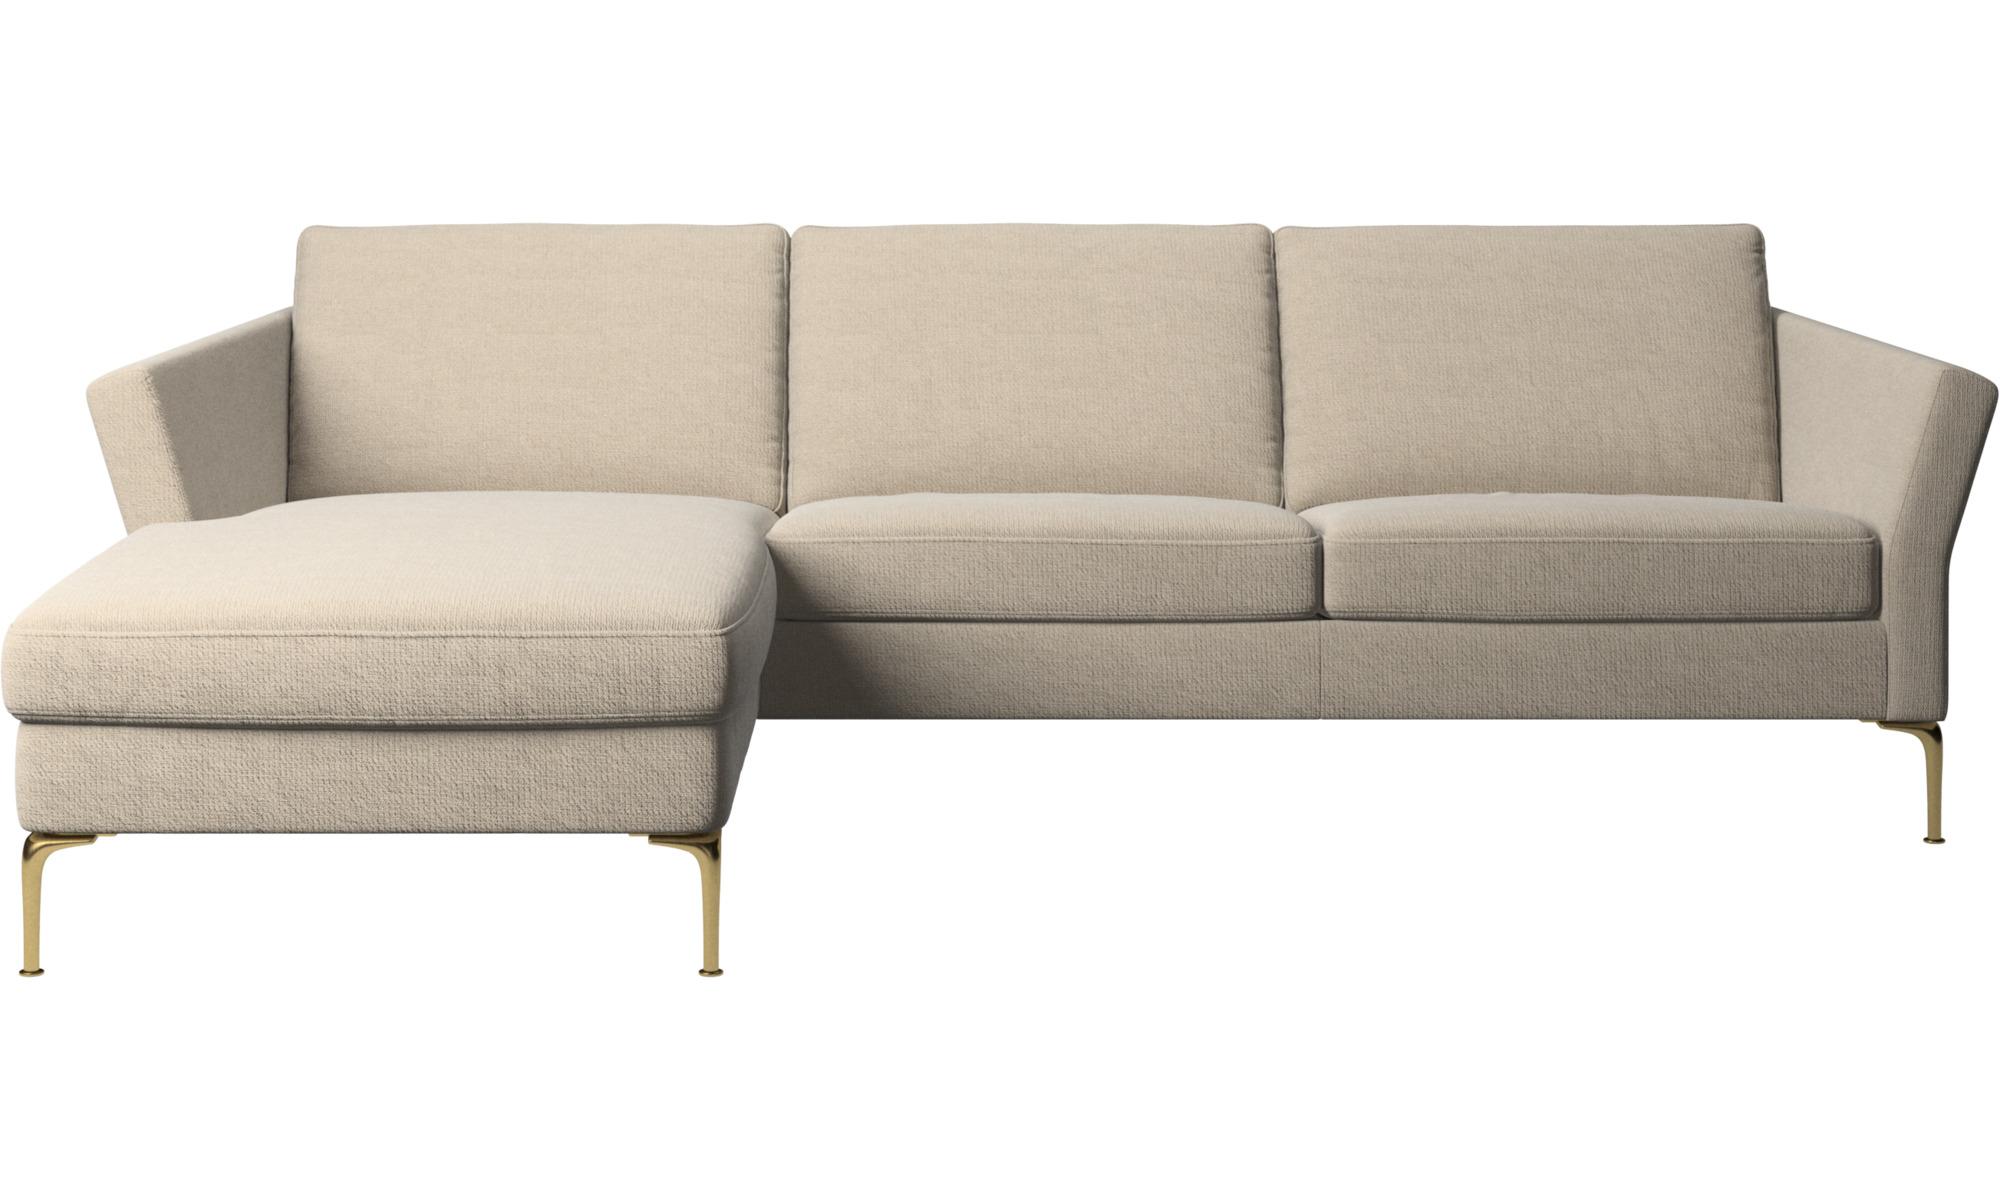 Canapés avec chaise longue - Canapé Marseille avec chaise longue - Beige - Tissu